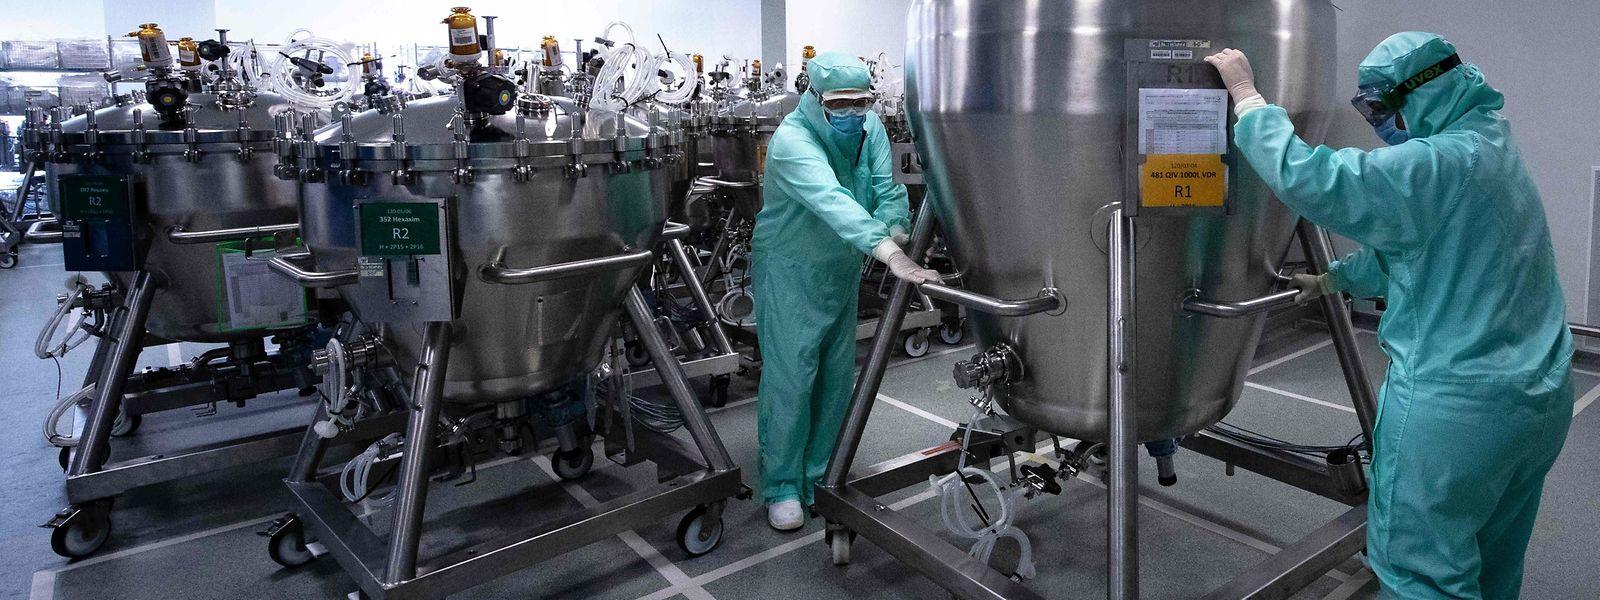 C'est le site de Francfort du laboratoire Sanofi qui devrait produire les dosettes pour le compte de son concurrent.